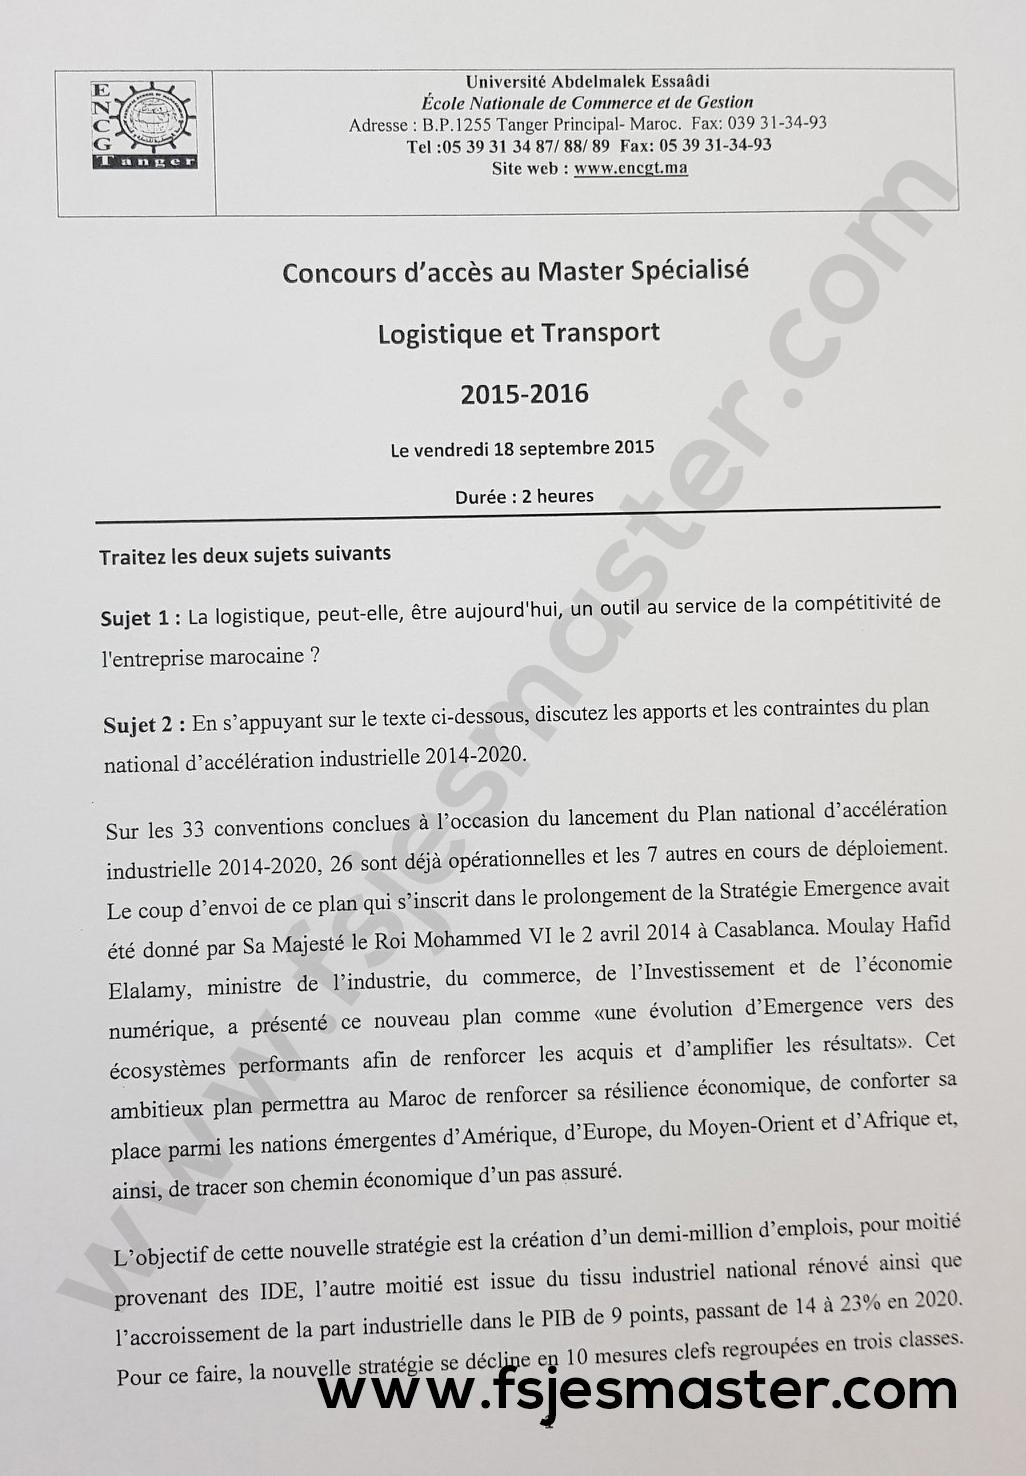 Exemple de Concours Master Logistique et Transport 2015-2016 - ENCG Tanger